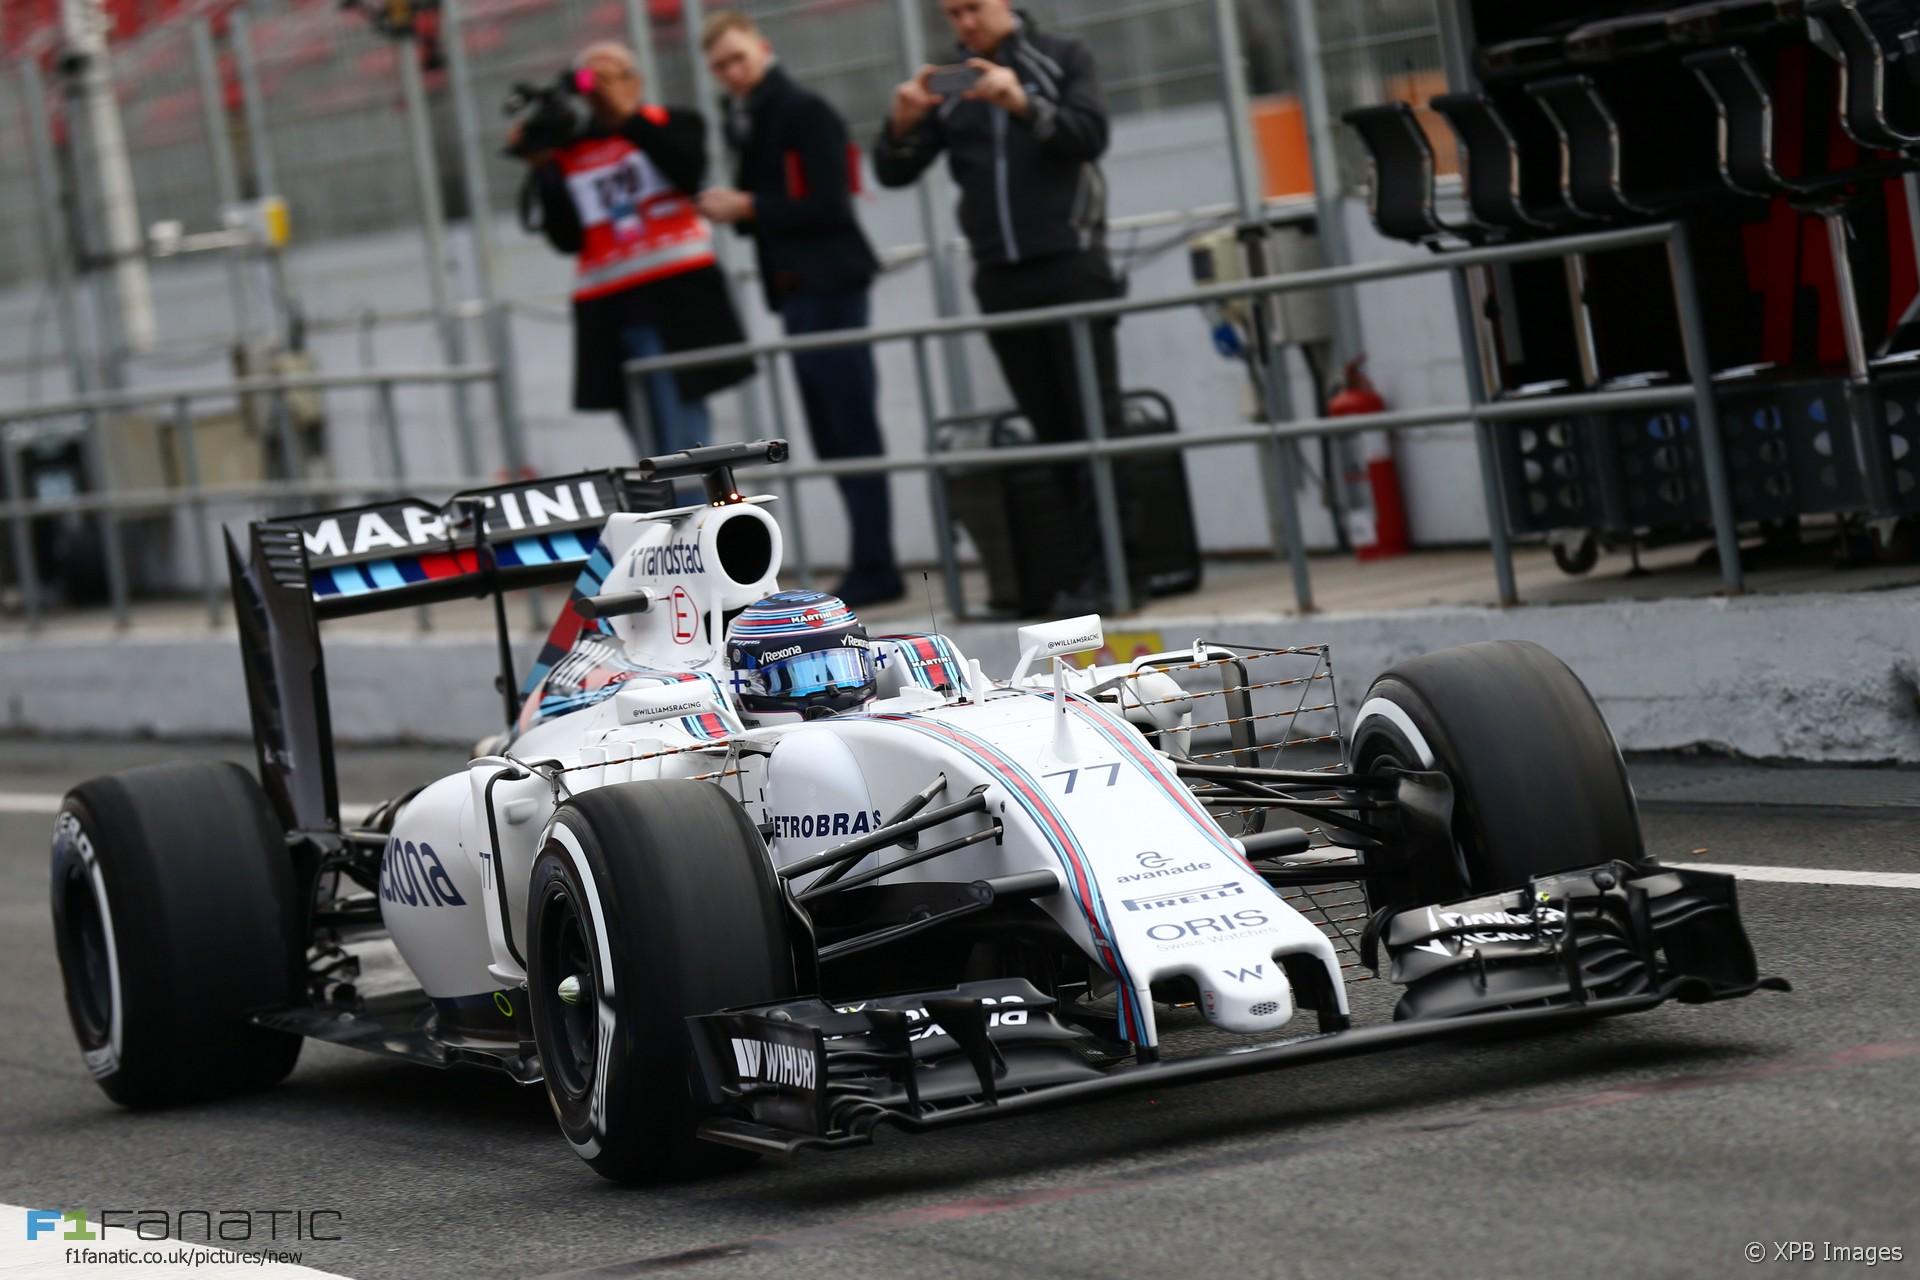 Williams, 2017 için tüm pilot seçeneklerini değerlendiriyor